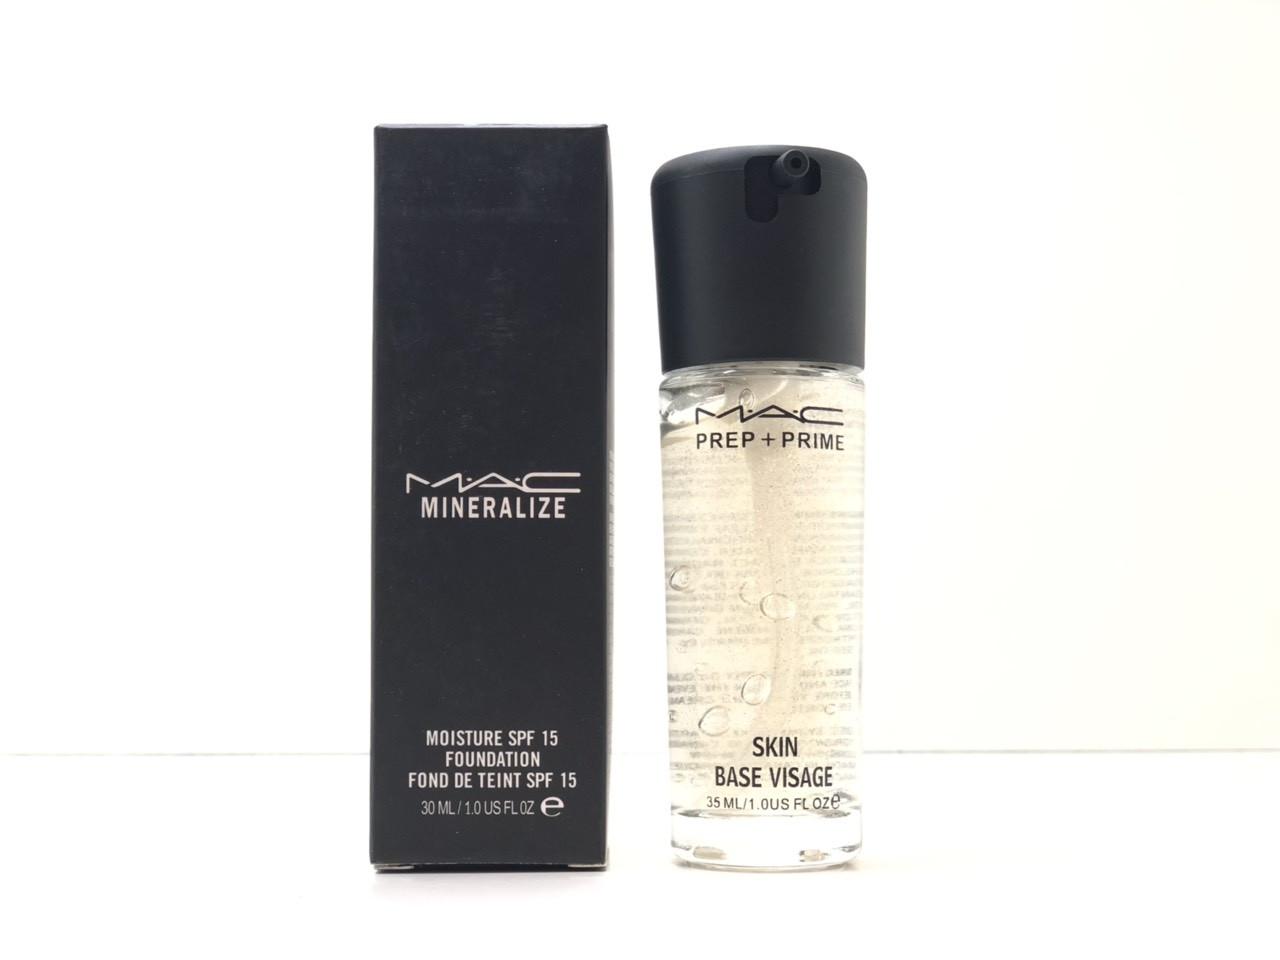 MAC Mineralize Prep + Prime